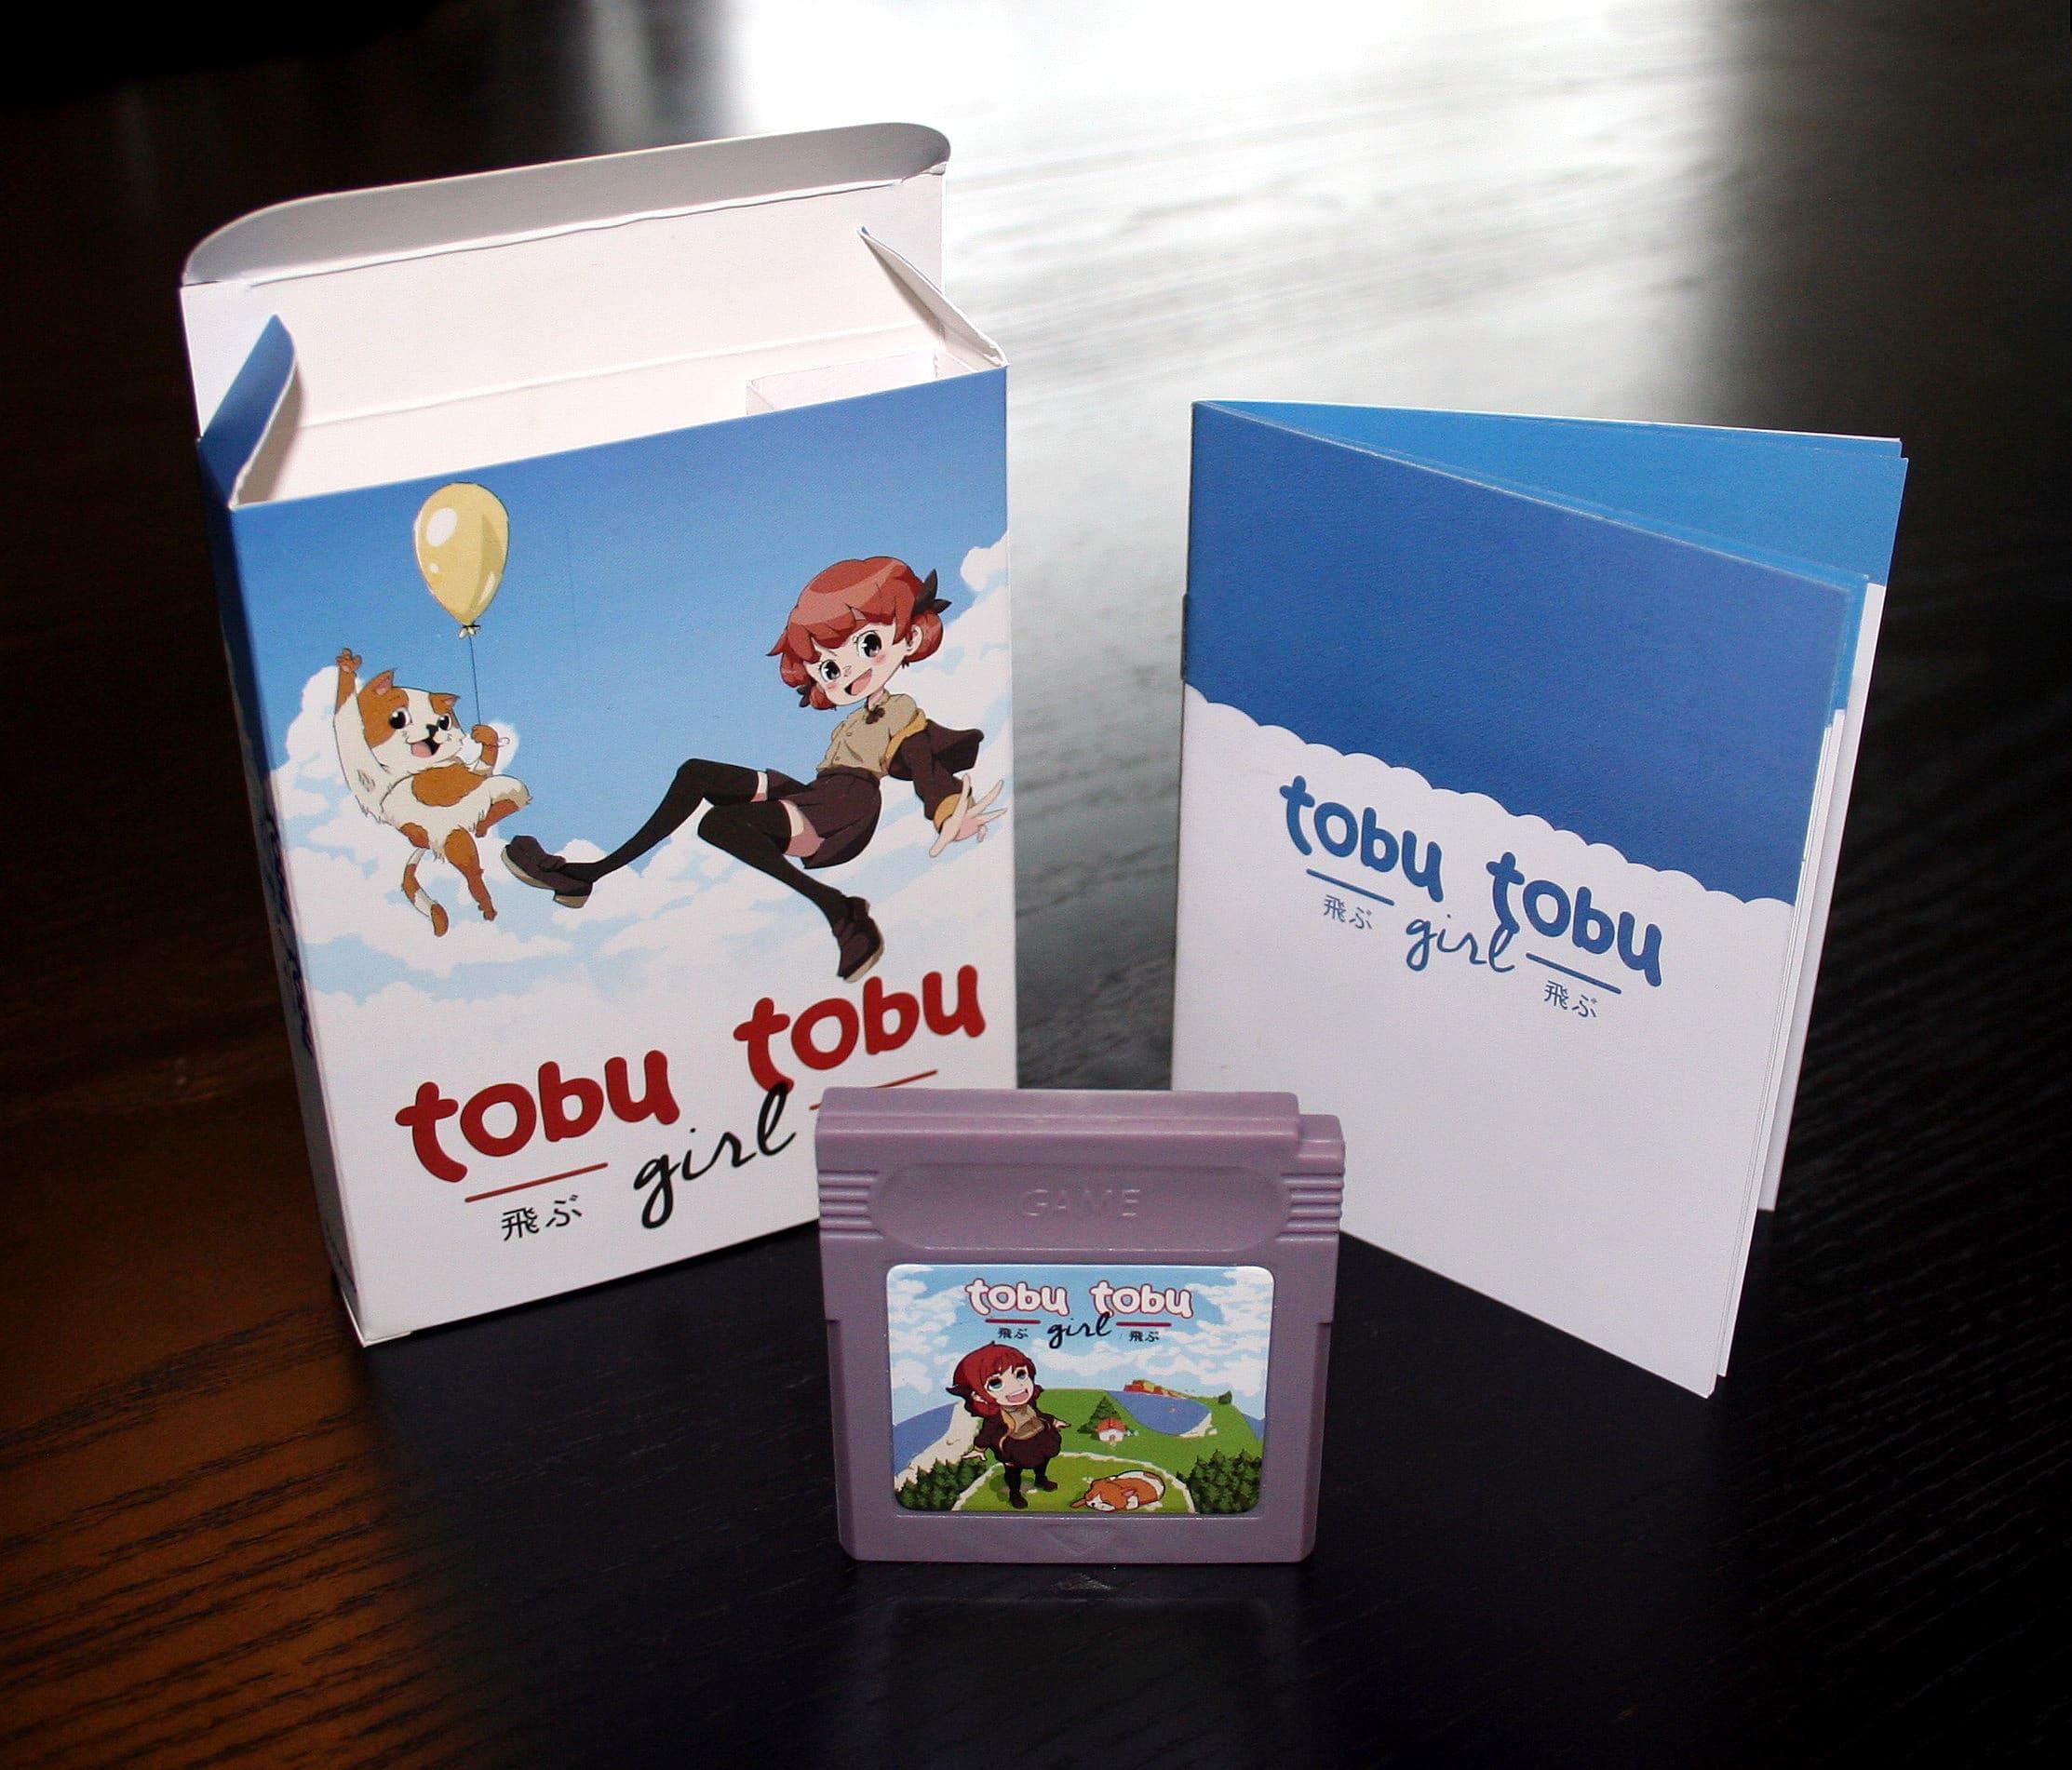 Vos jeux préférés sur consoles portables Tobu-tobu-girl-box-8b637